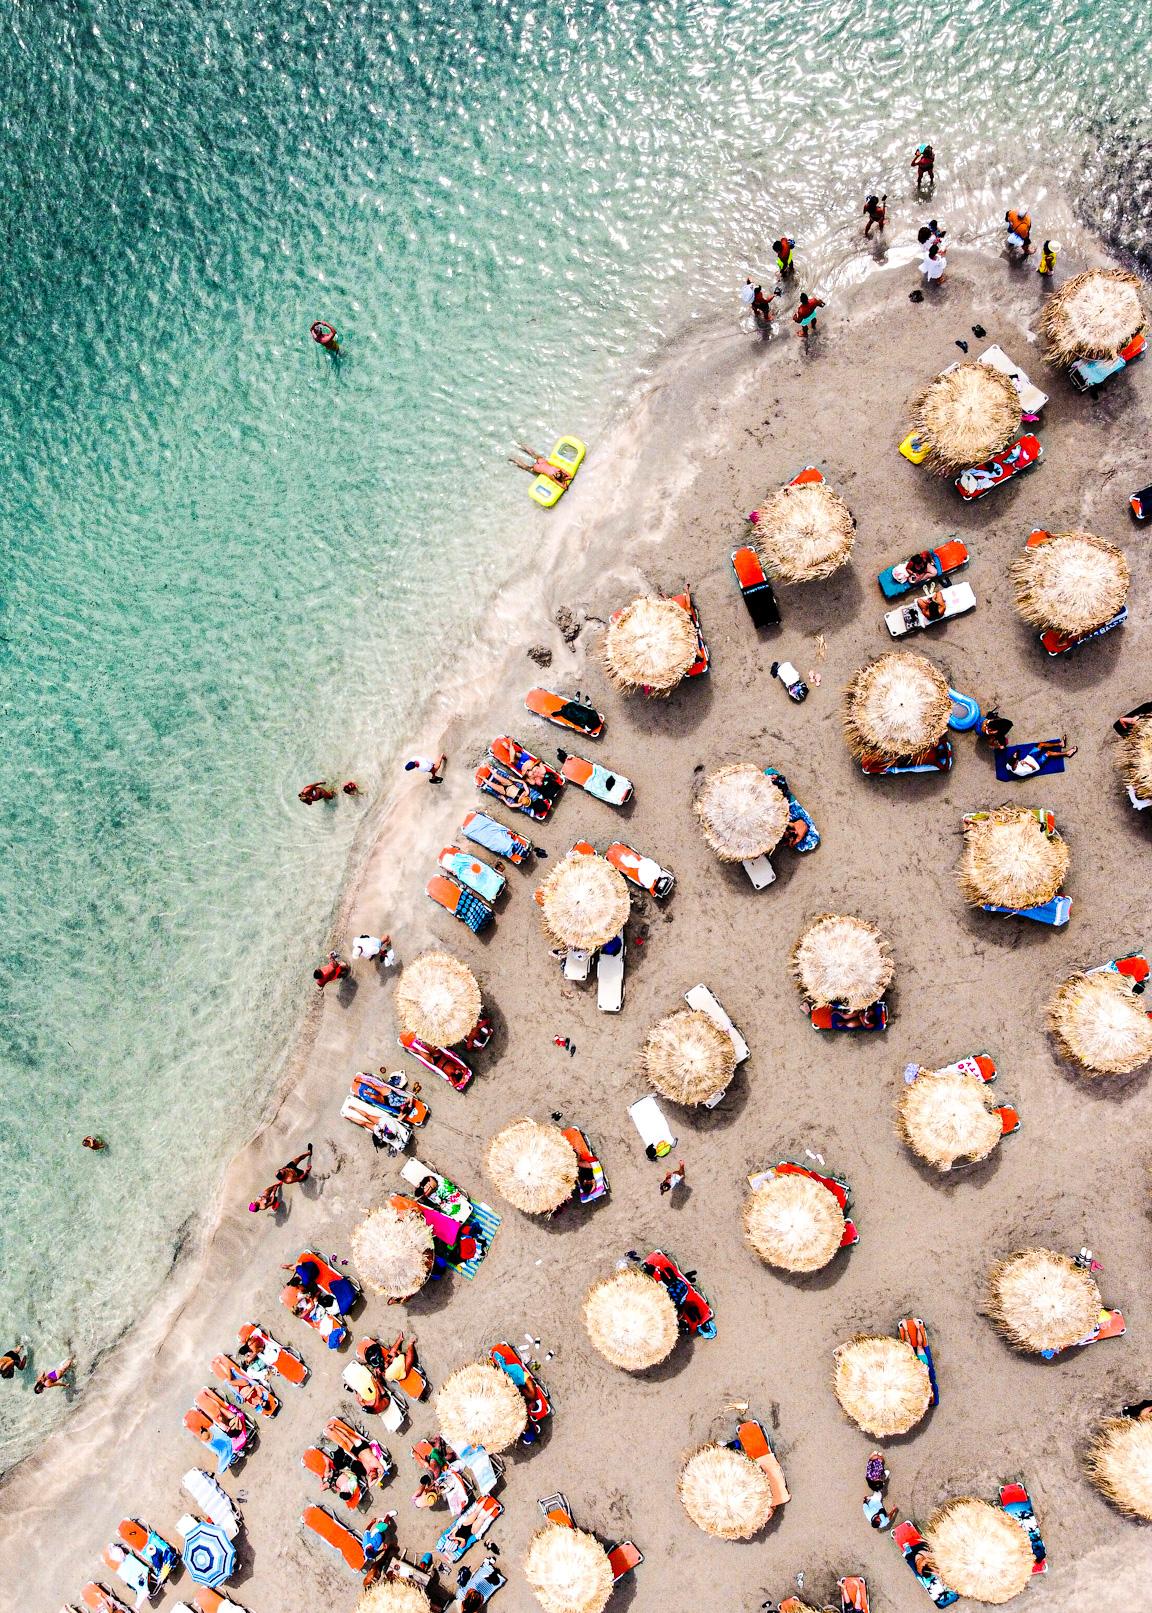 Malediwy na Krecie – najpiękniejsze plaże: Laguna Balos, Plaża Elafonisi i Seitan Limania. Co zobaczyć?